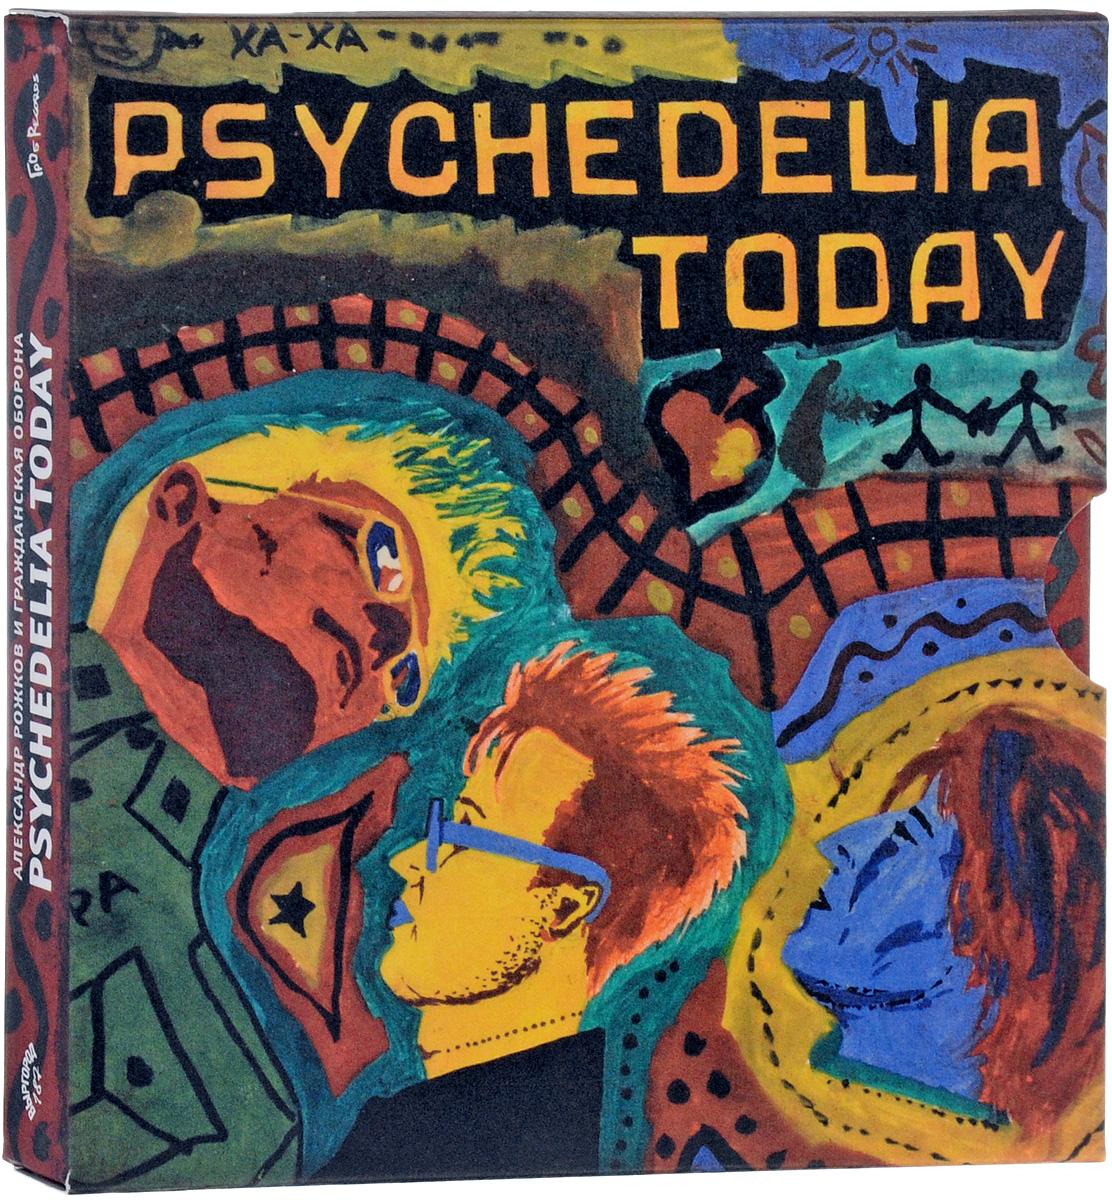 Рожков Александр и Гражданская Оборона. Psychedelia Today (2 CD цветная обложка) гражданская оборона гражданская оборона часть 1 mp3